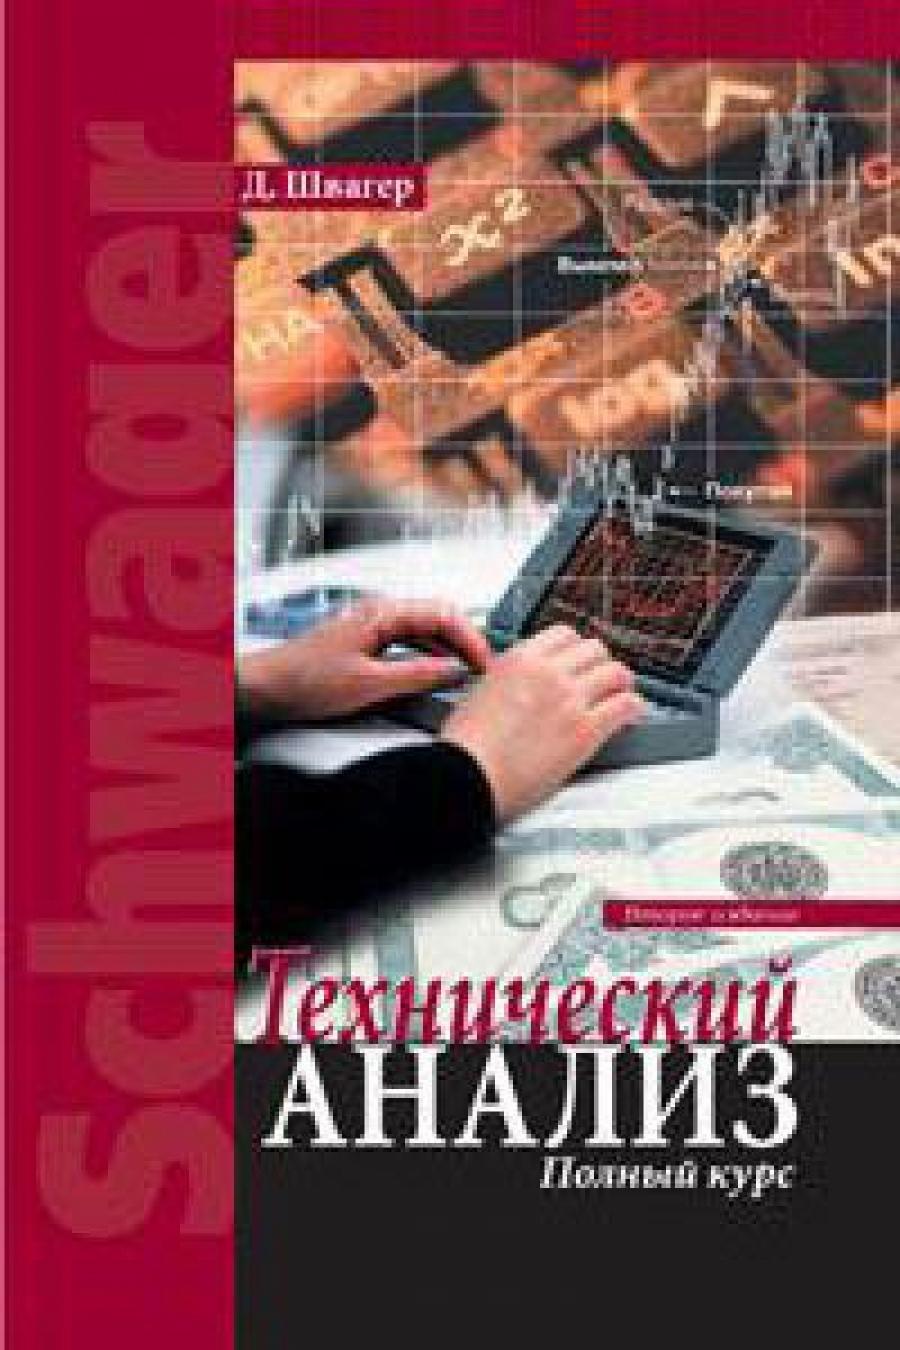 Обложка книги:  бировиц т. , швагер дж. , - руководство по изучению книги технич. анализ. полный курс